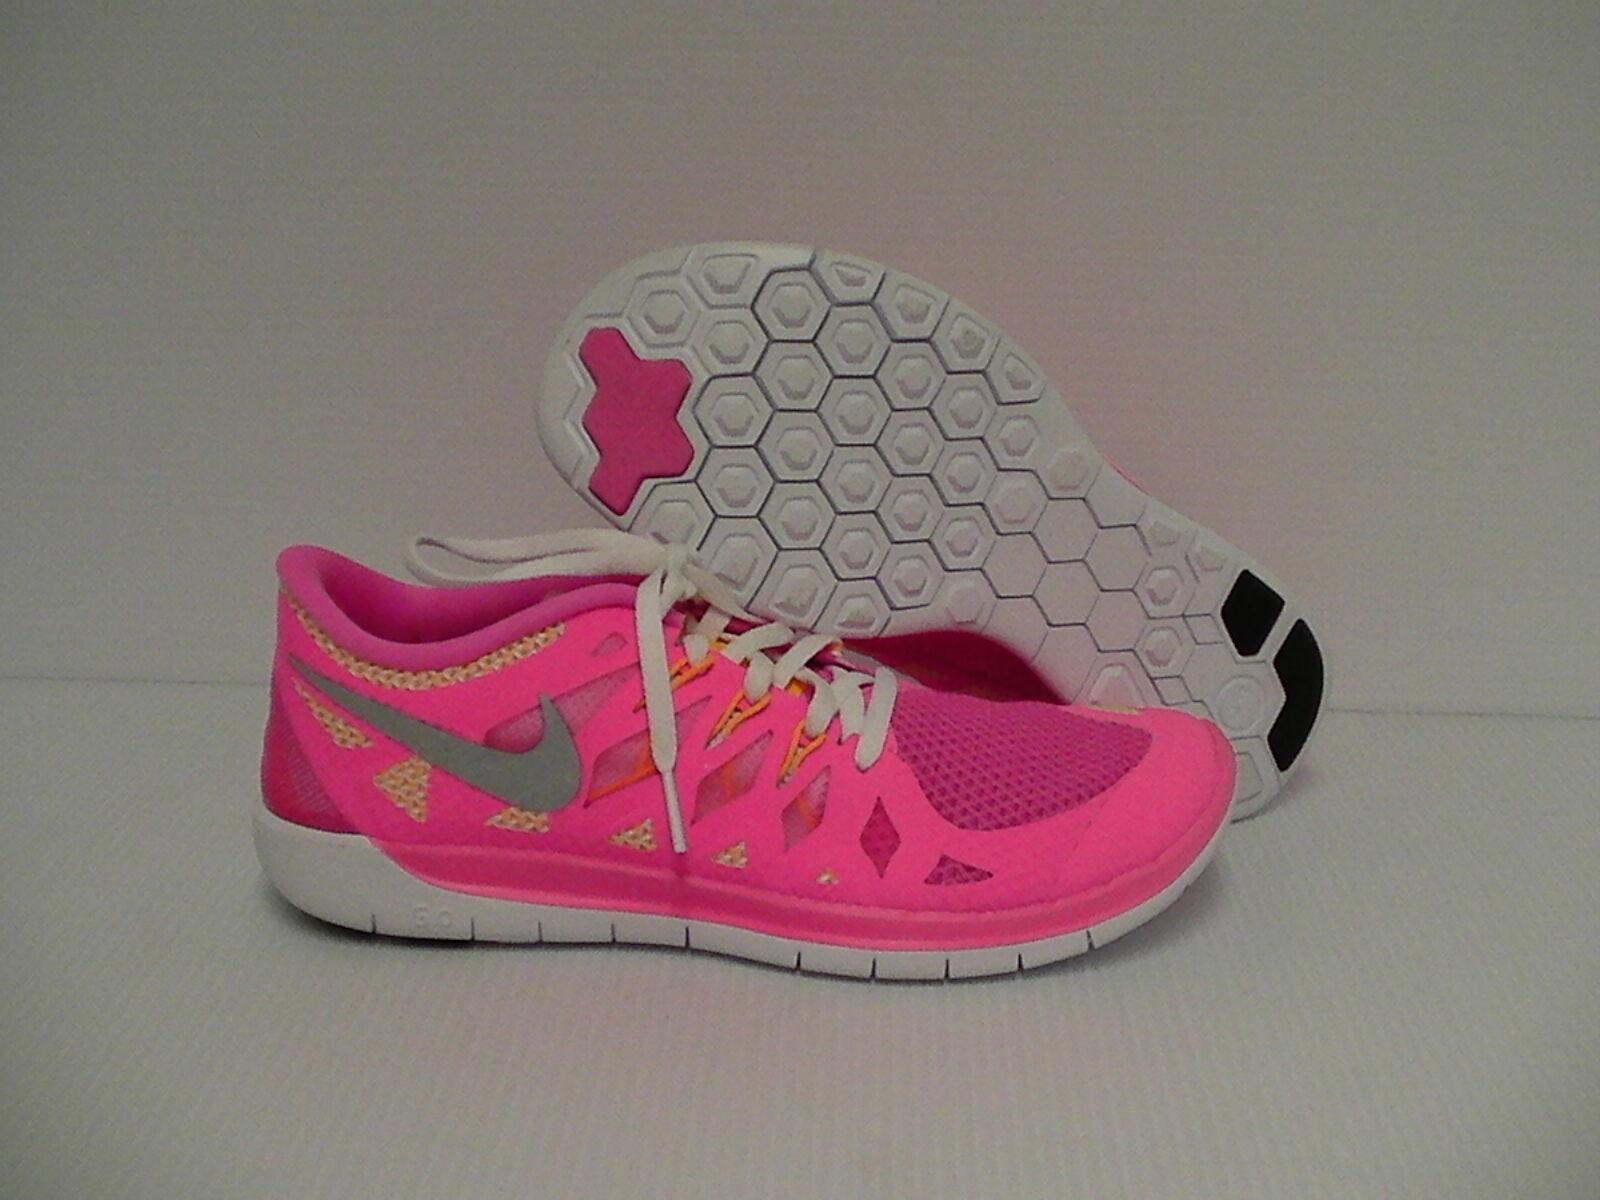 donna Nike free 5.0 (GS) scarpe da  corsa dimensioni 6 Giovani  scegli il tuo preferito